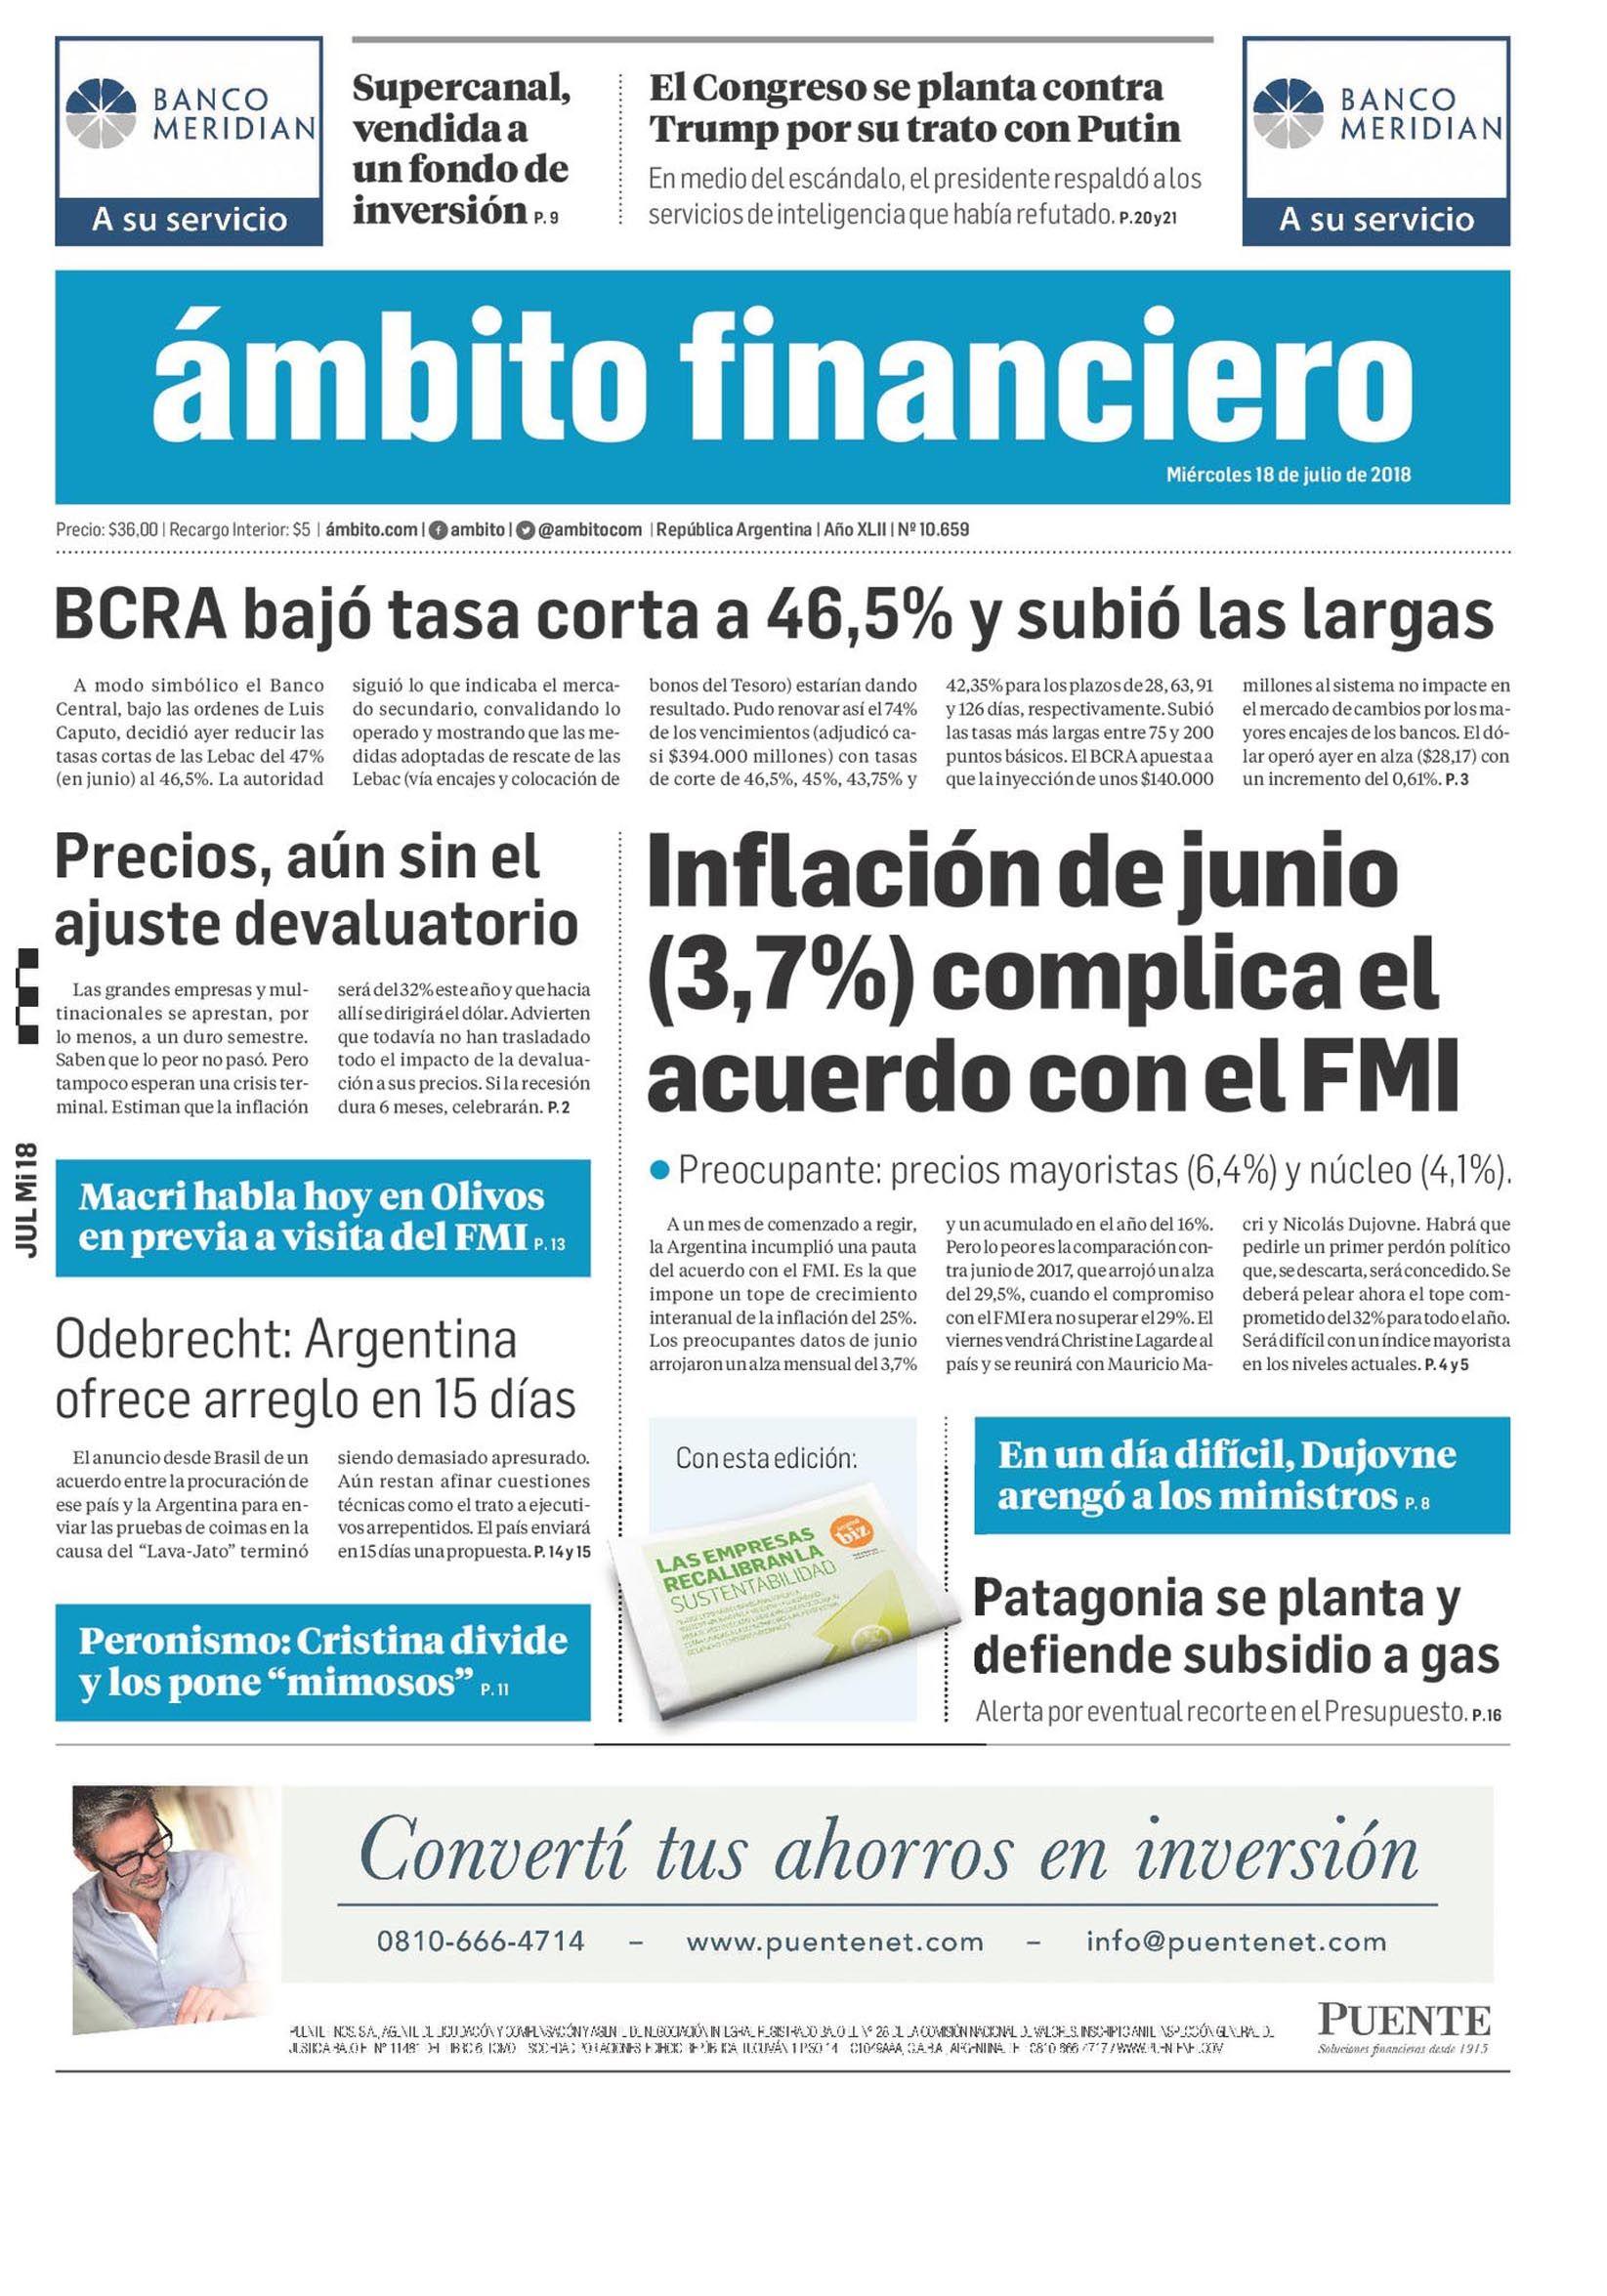 Tapas de diarios del miércoles 18 de julio de 2018